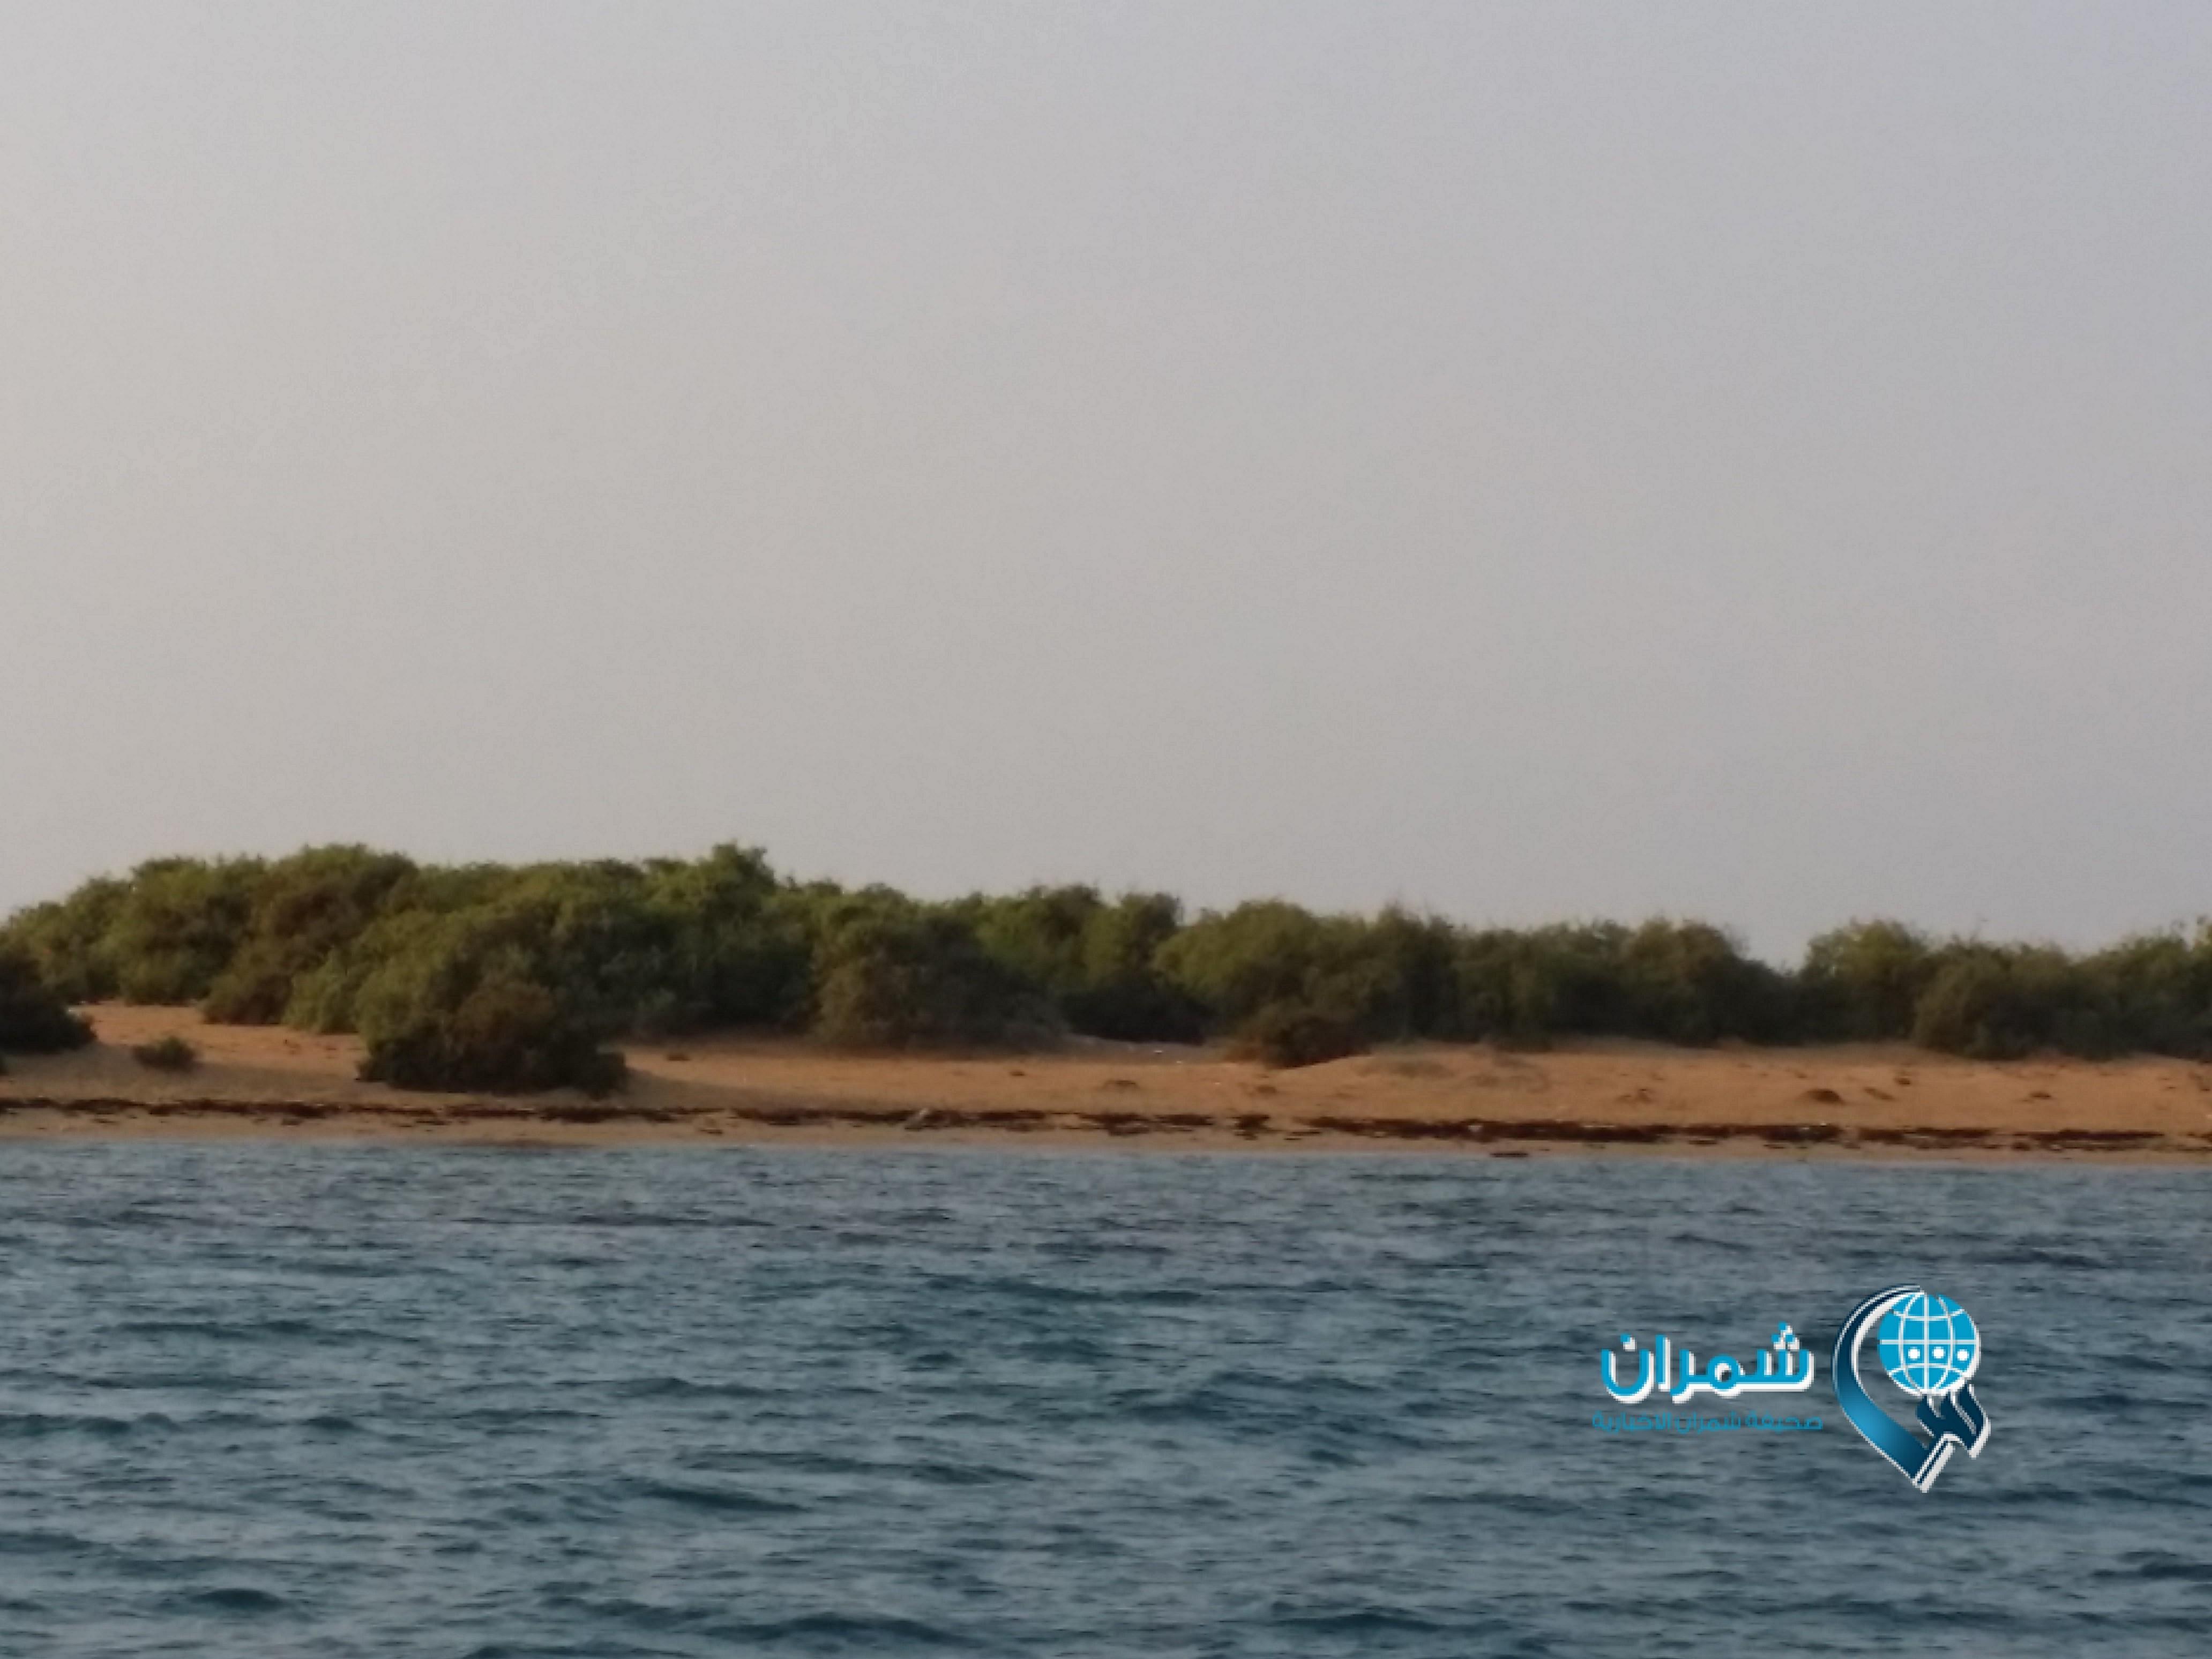 صحيفة شمران الإخبارية سواحل وجزر غادة الجنوب